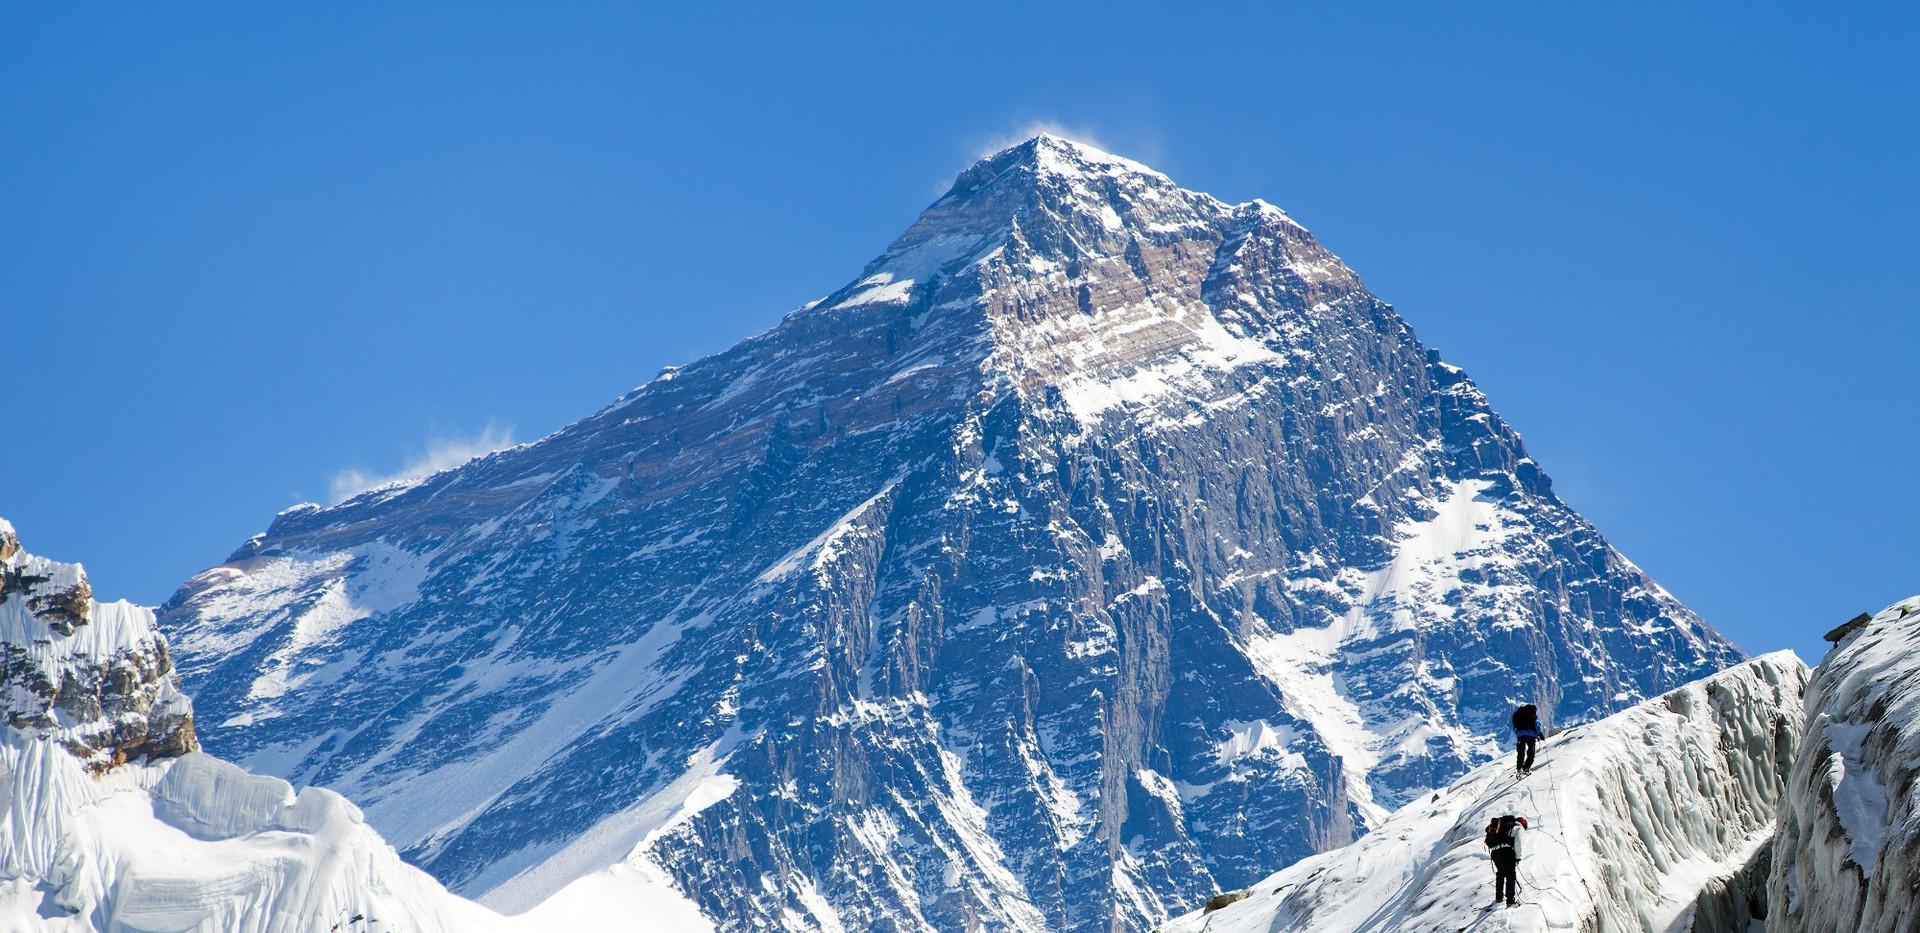 Mount Everest.jpg